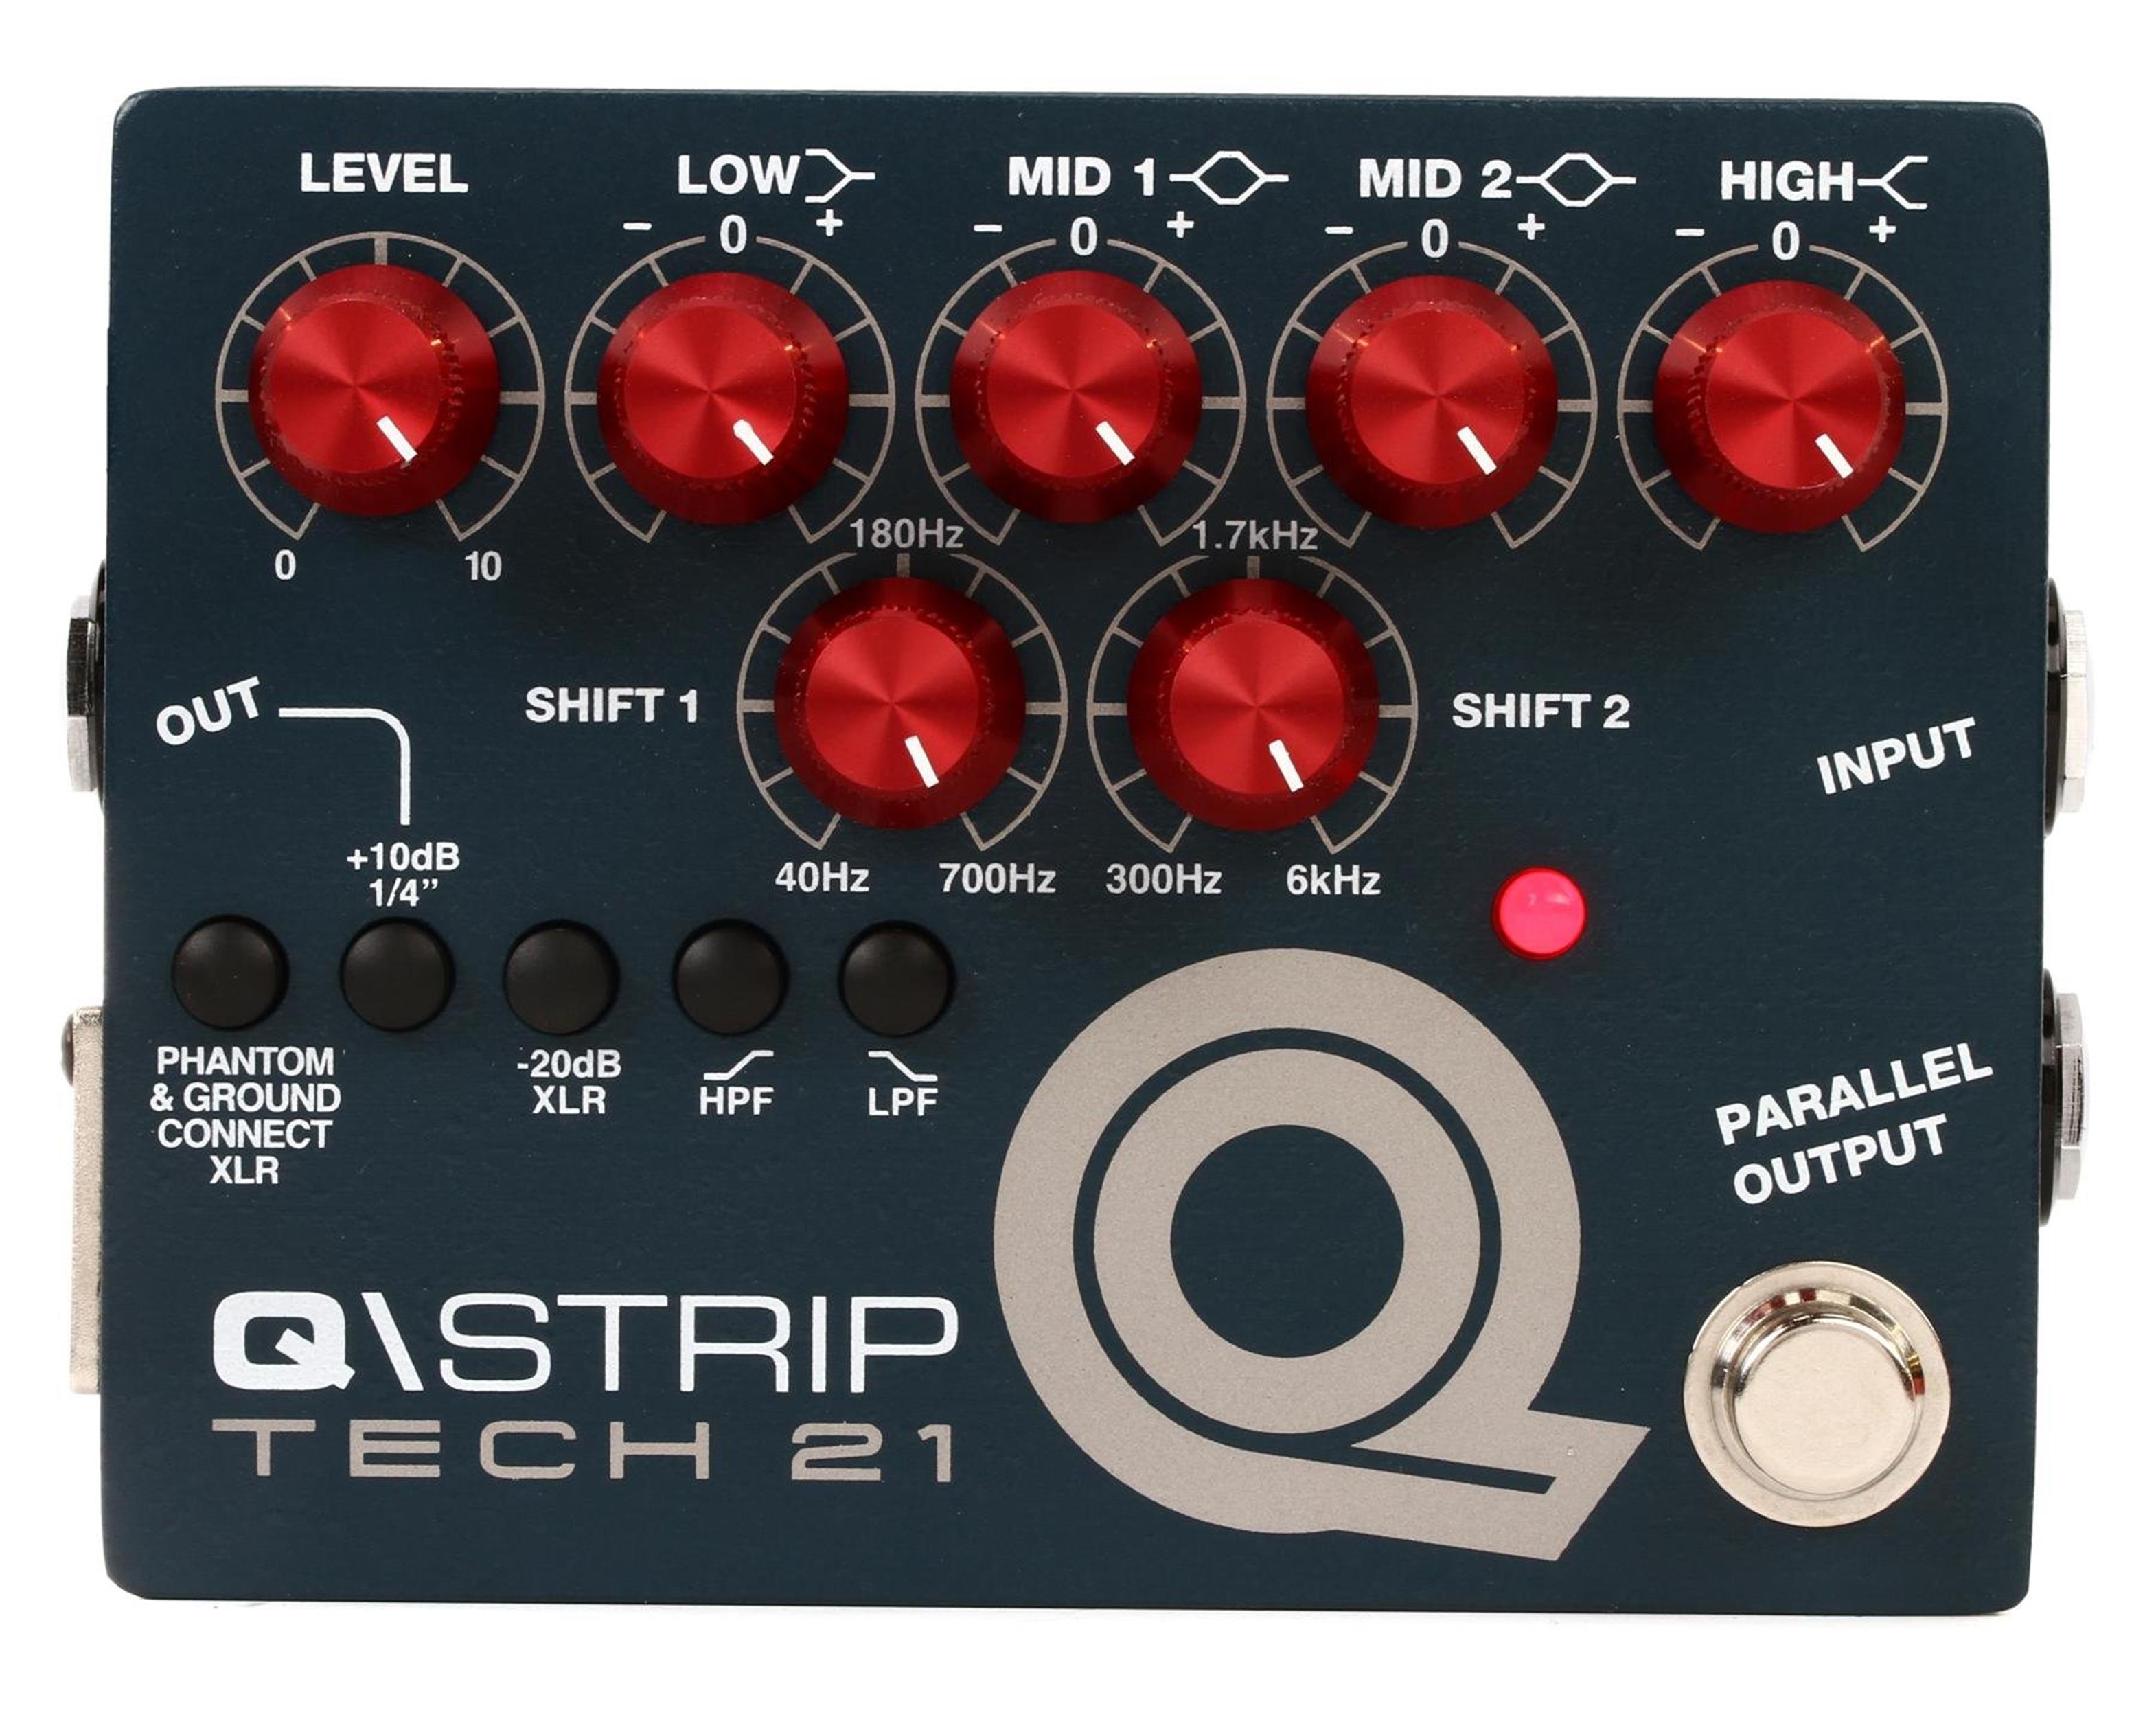 TECH-21 Q-STRIP DUAL PARAMETRIC EQ-DI